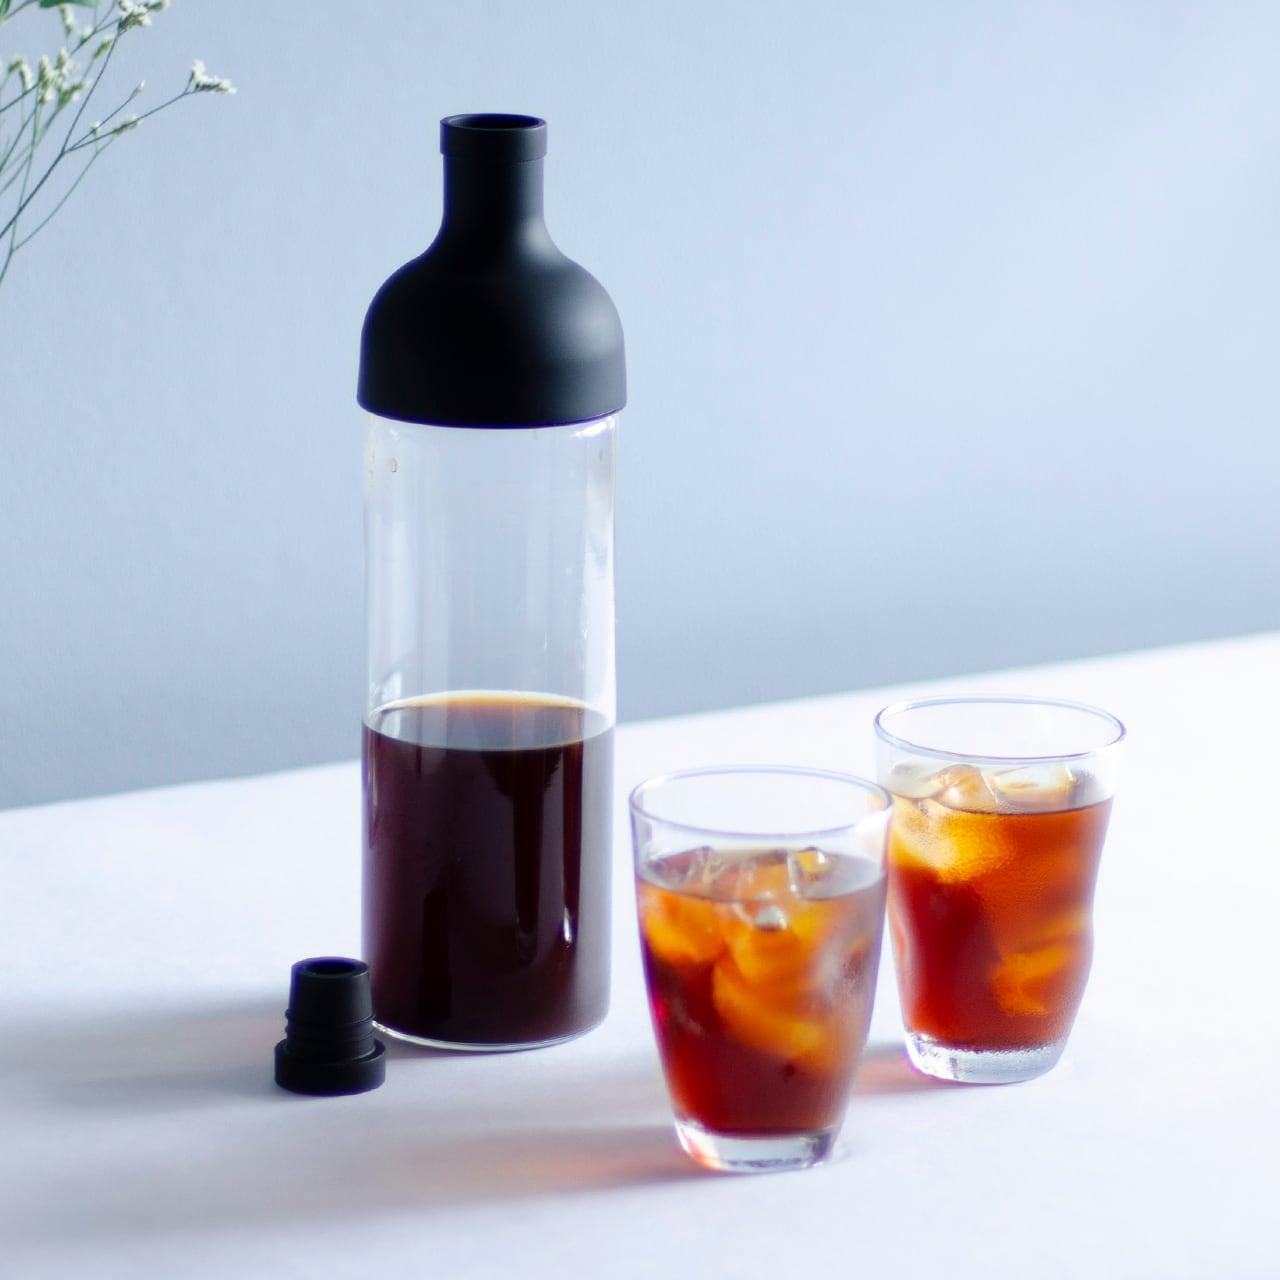 HARIO フィルターインコーヒーボトル【水出しコーヒー】